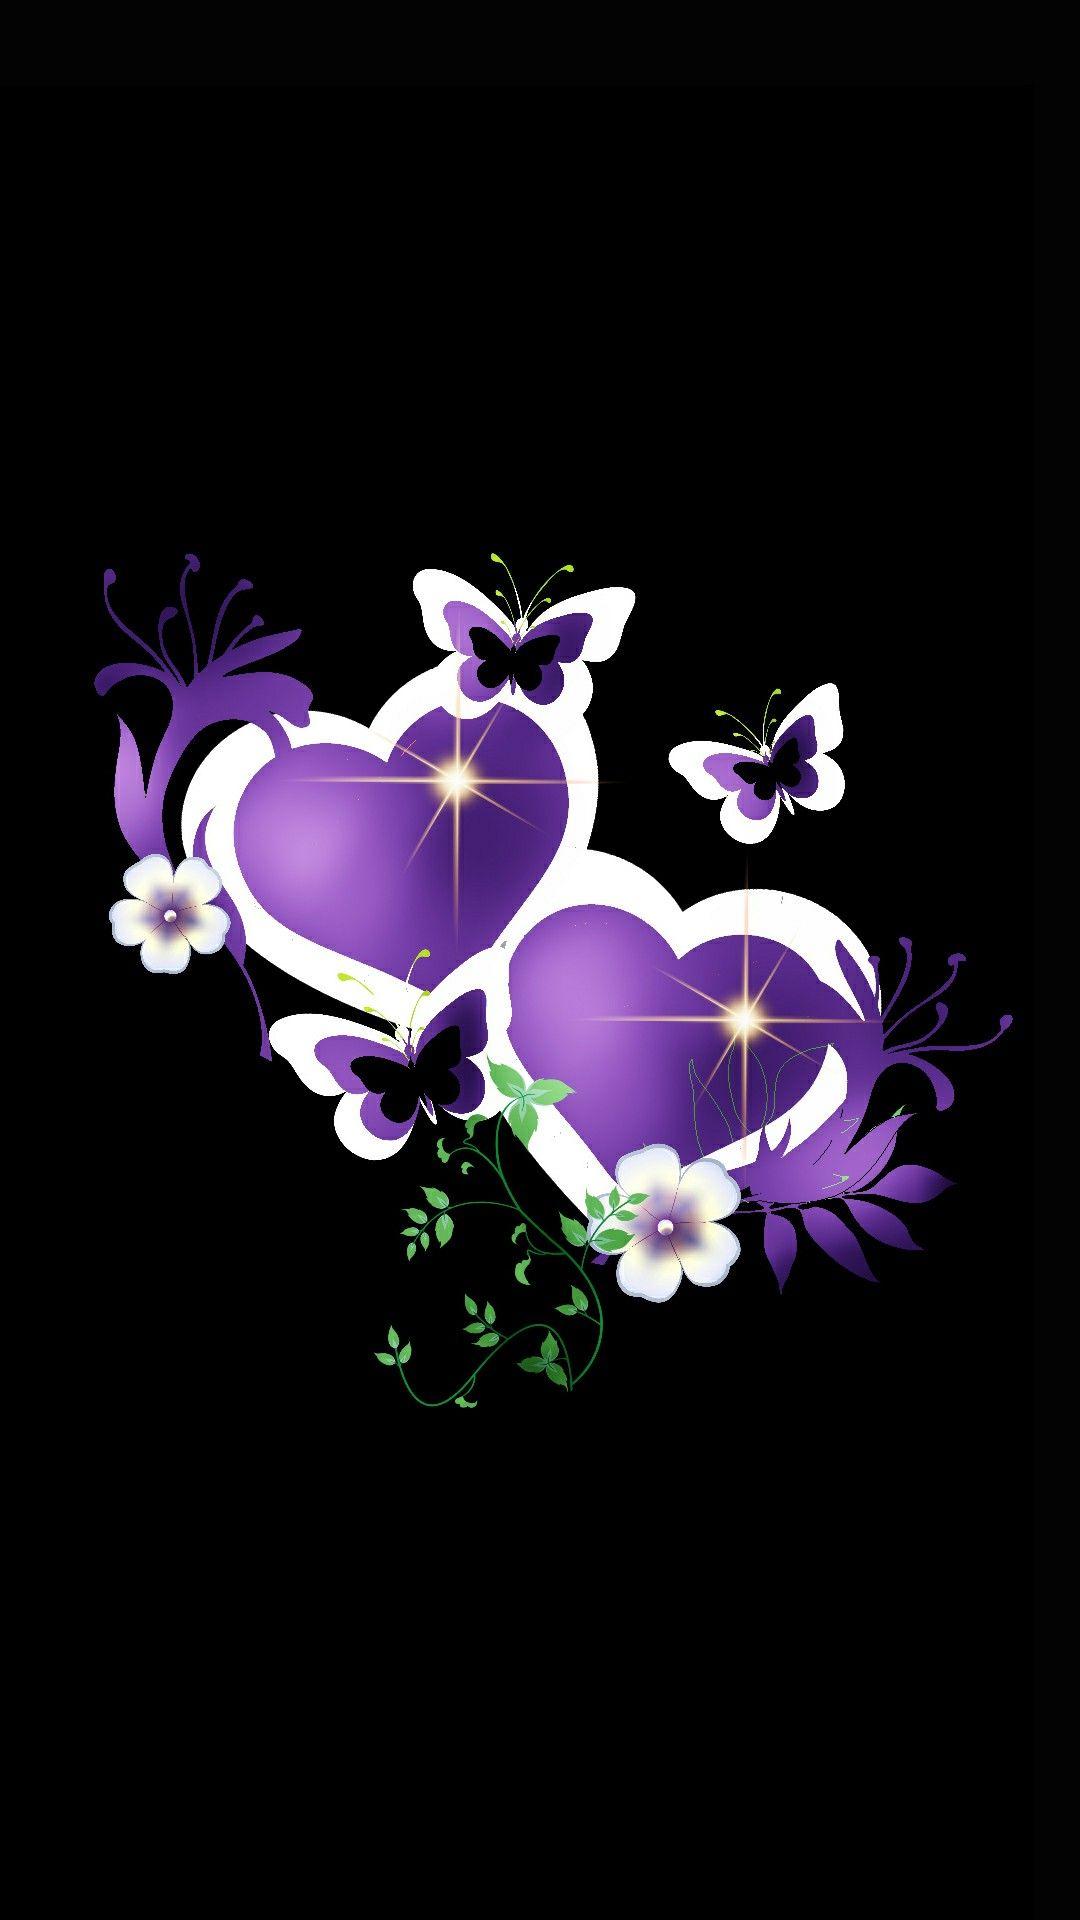 Purple white hearts butterflies heart 39 s of love - Heart to heart wallpaper ...